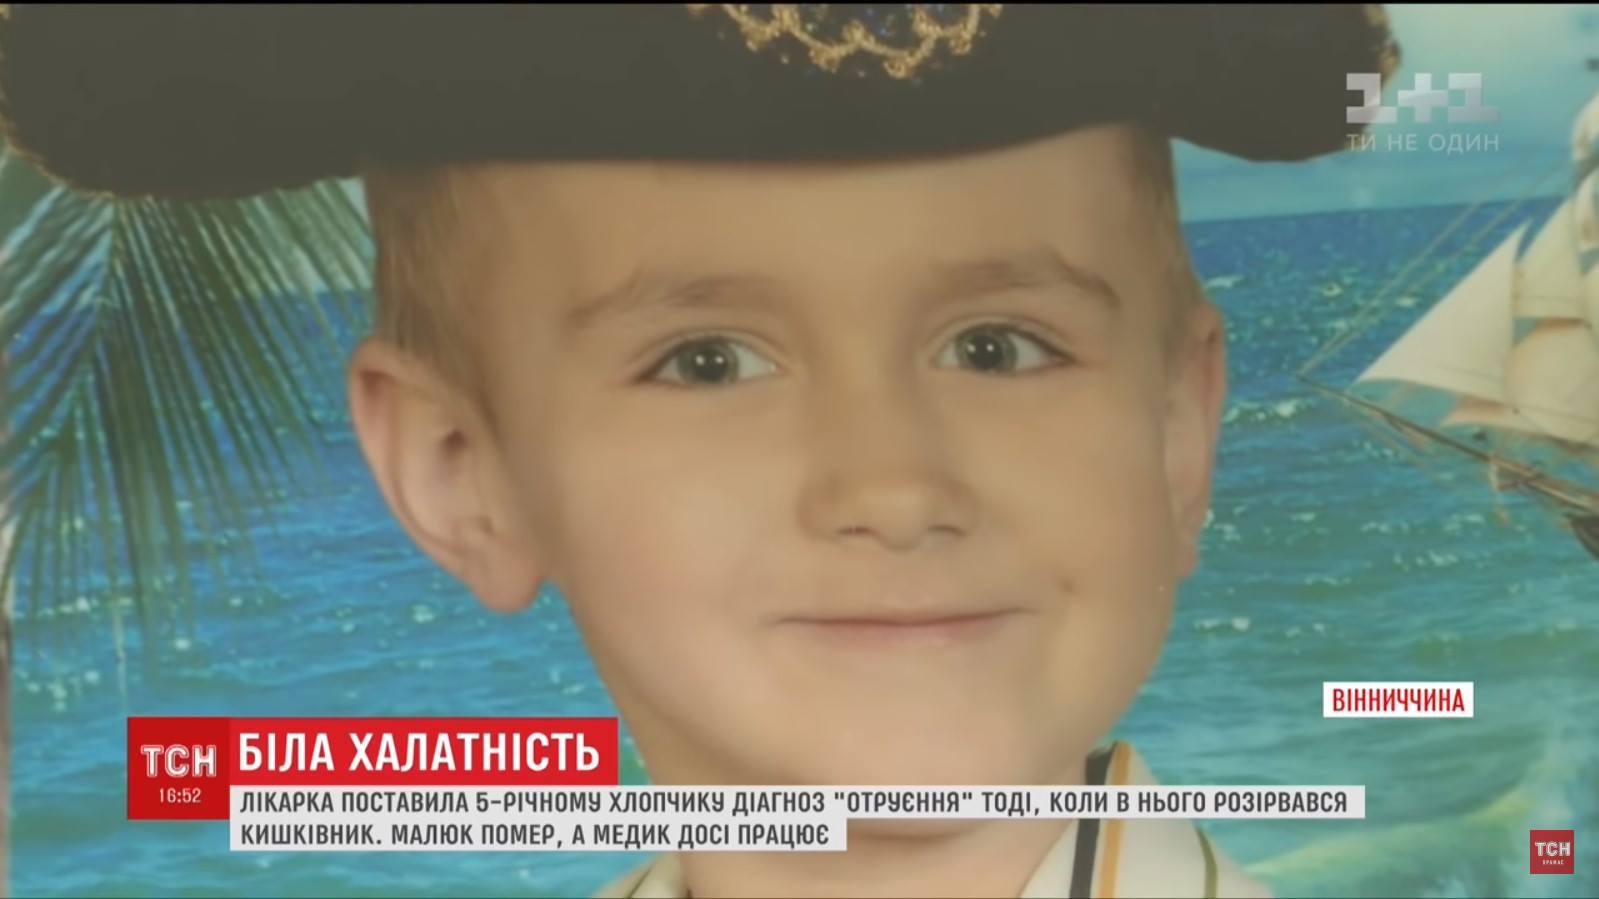 """Діагноз """"на око"""": через лікарську недбалість на Вінниччині помер 5-річний хлопчик. ВІДЕО"""